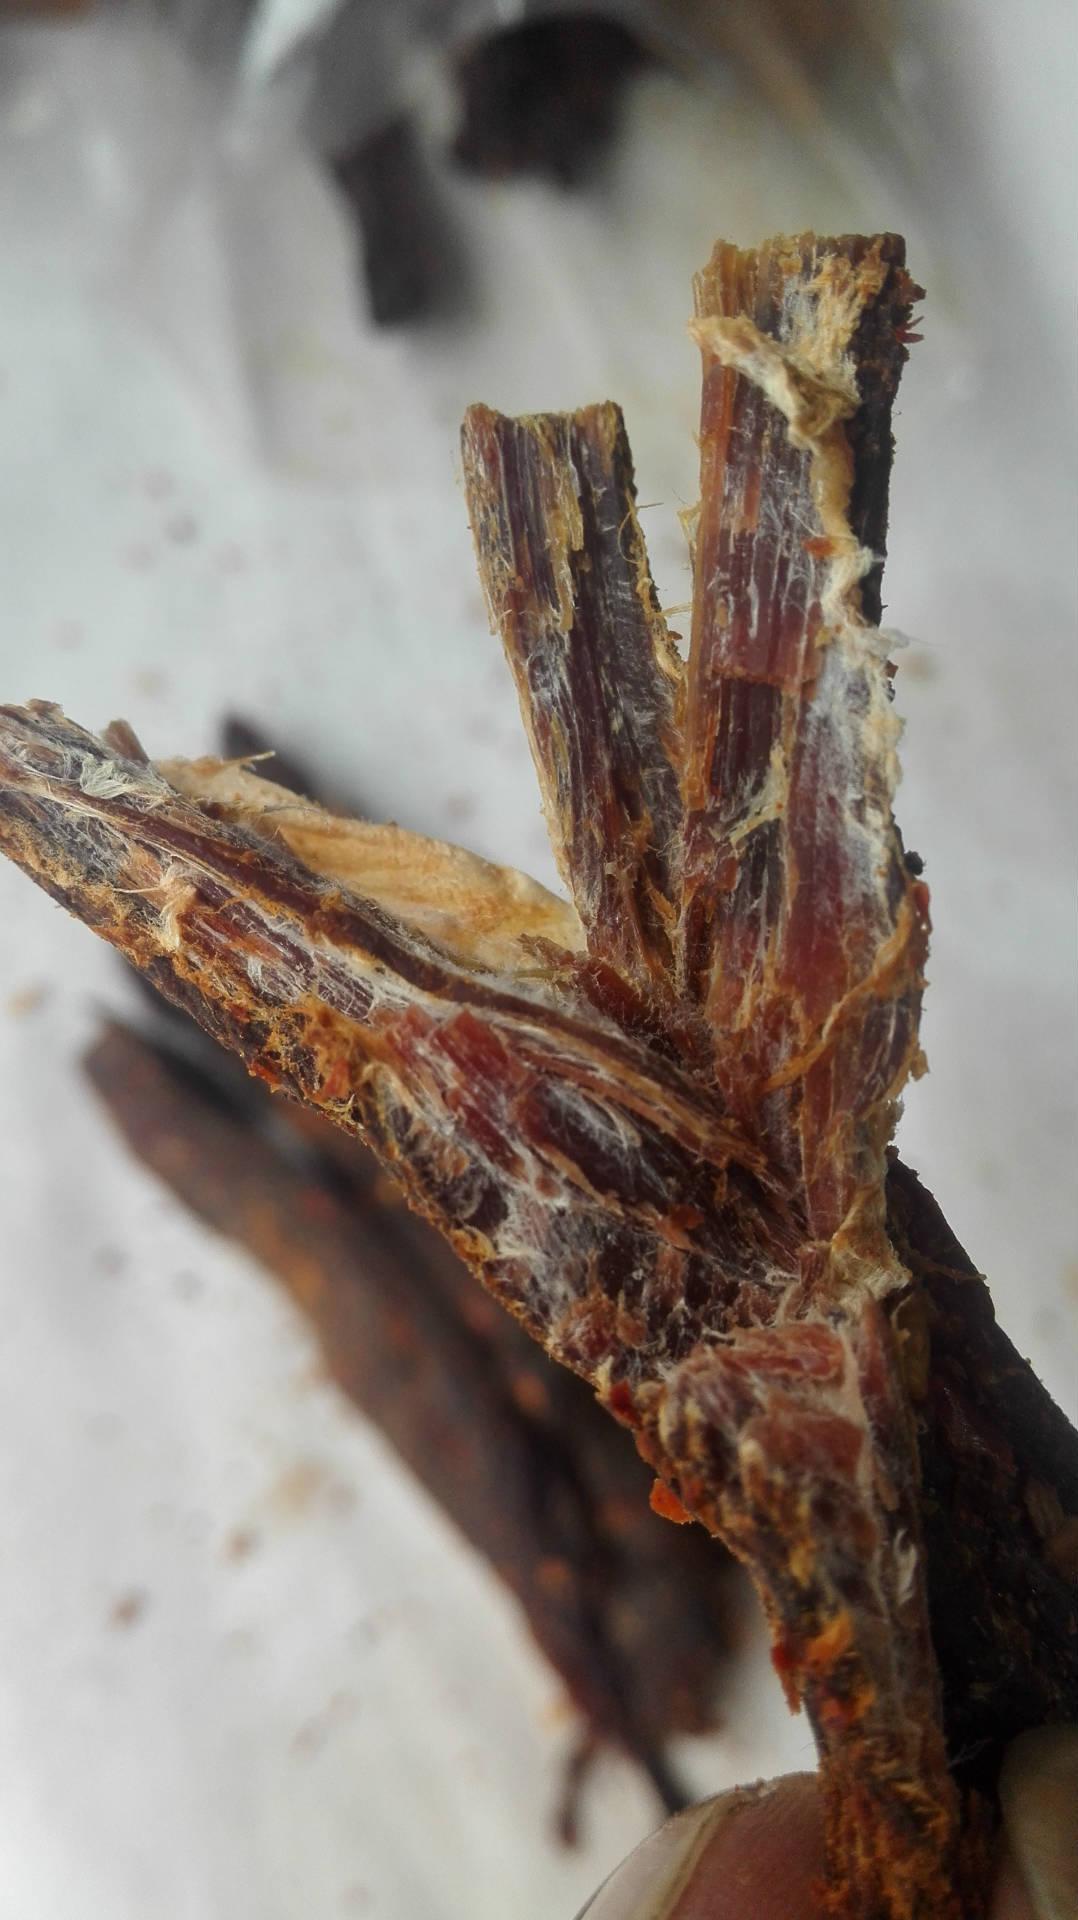 四川海霸王市场批发超干牛肉干散装同款零食环品风干手撕鸭肉干